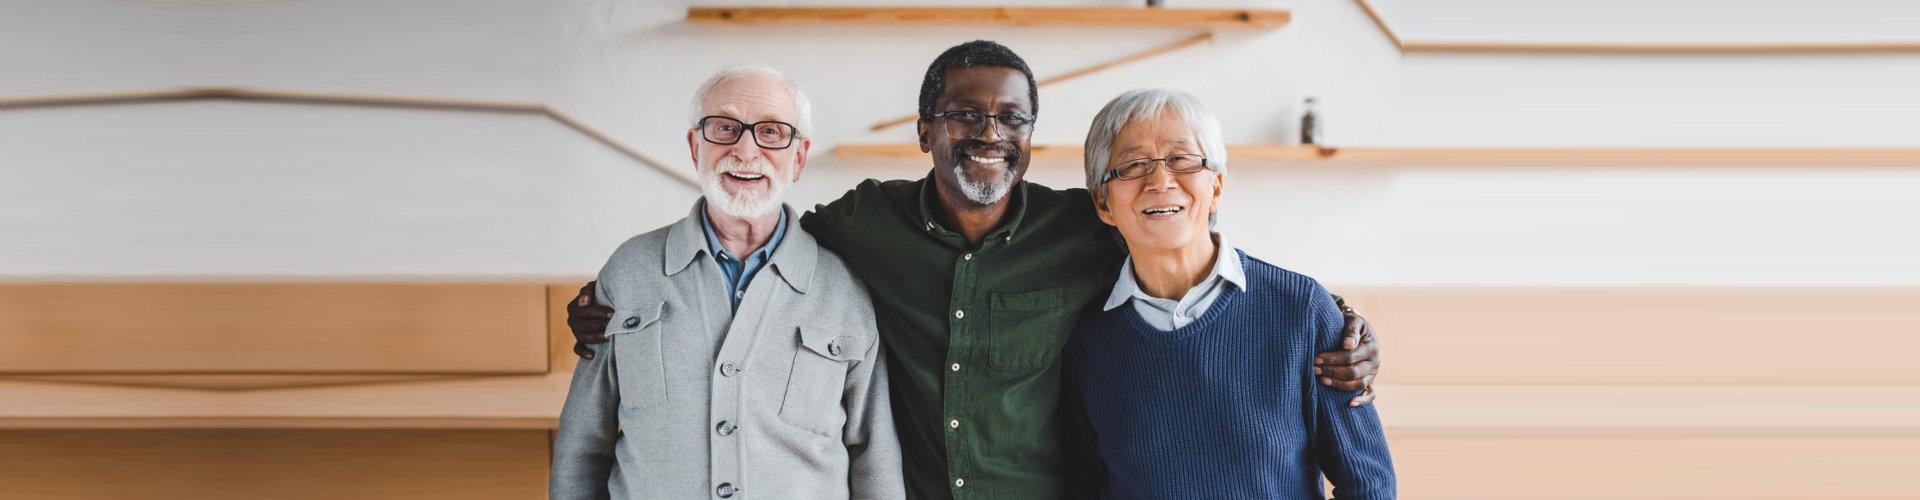 three senior men smiling